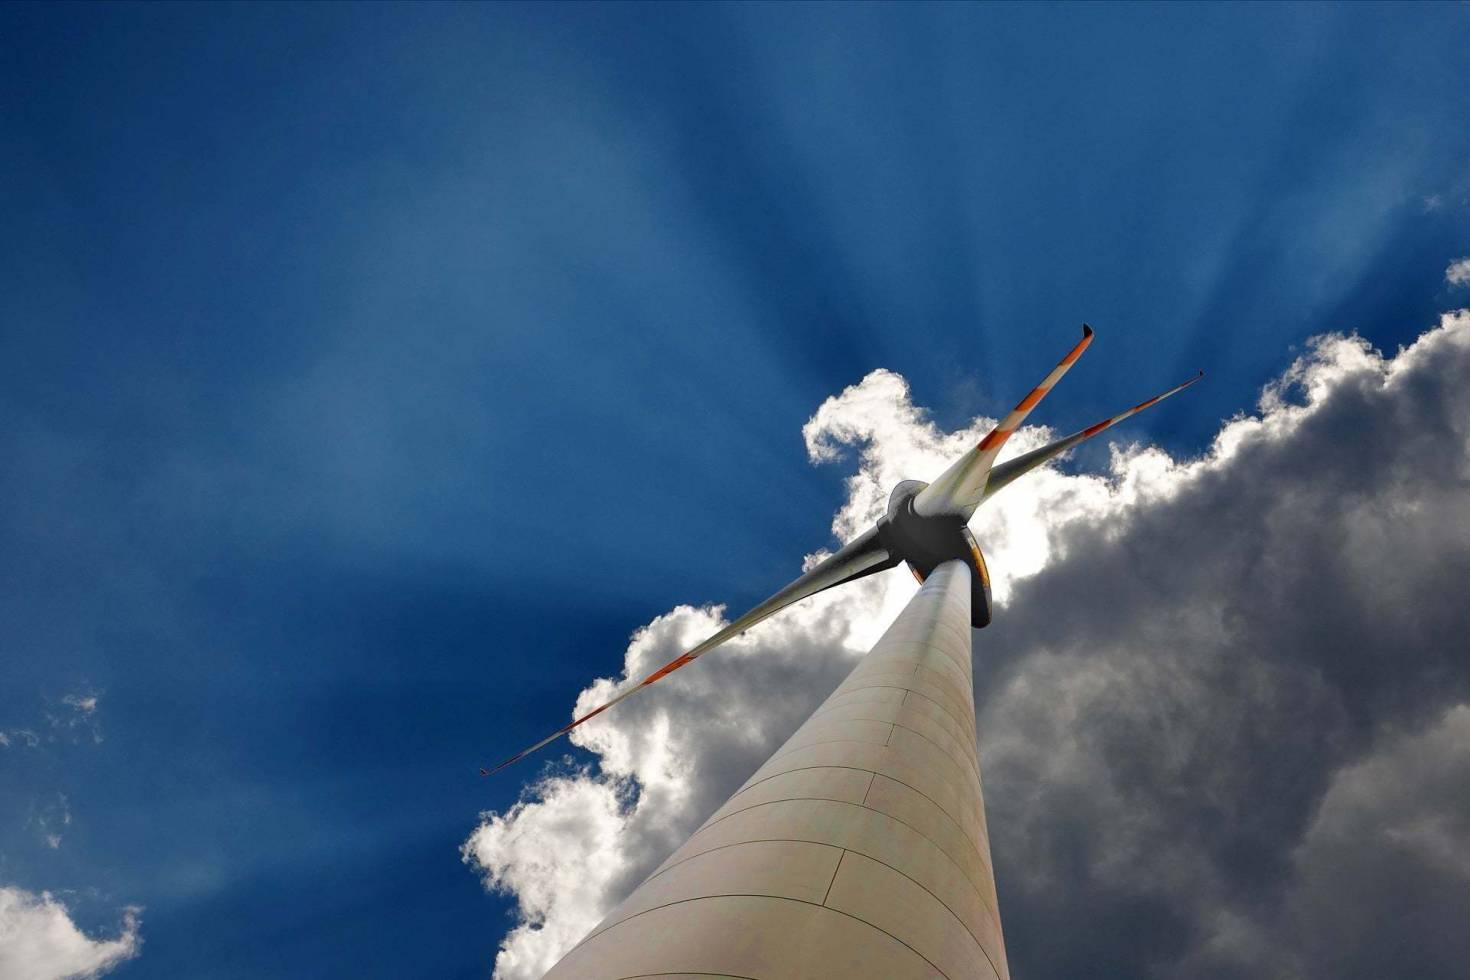 Wind Turbine Height